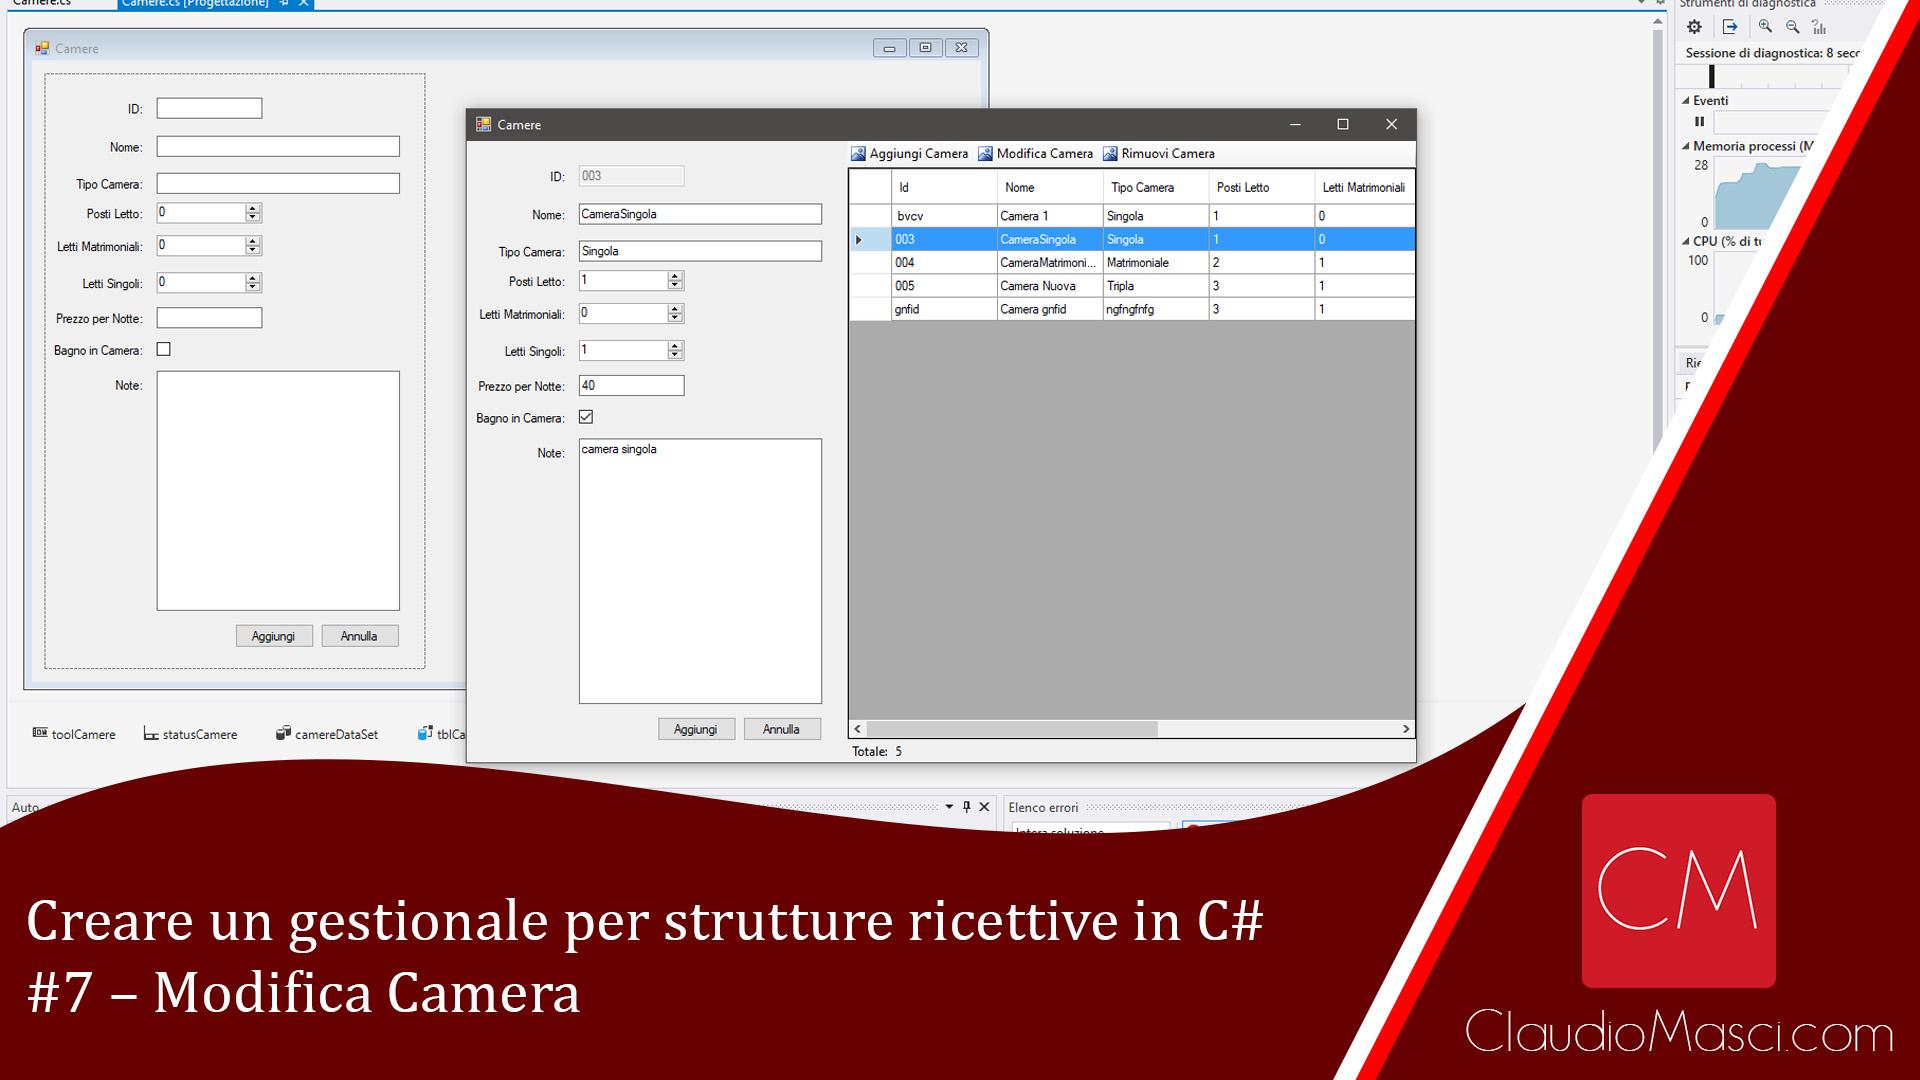 Creare un gestionale per strutture ricettive in C# – #7 – Modifica Camera